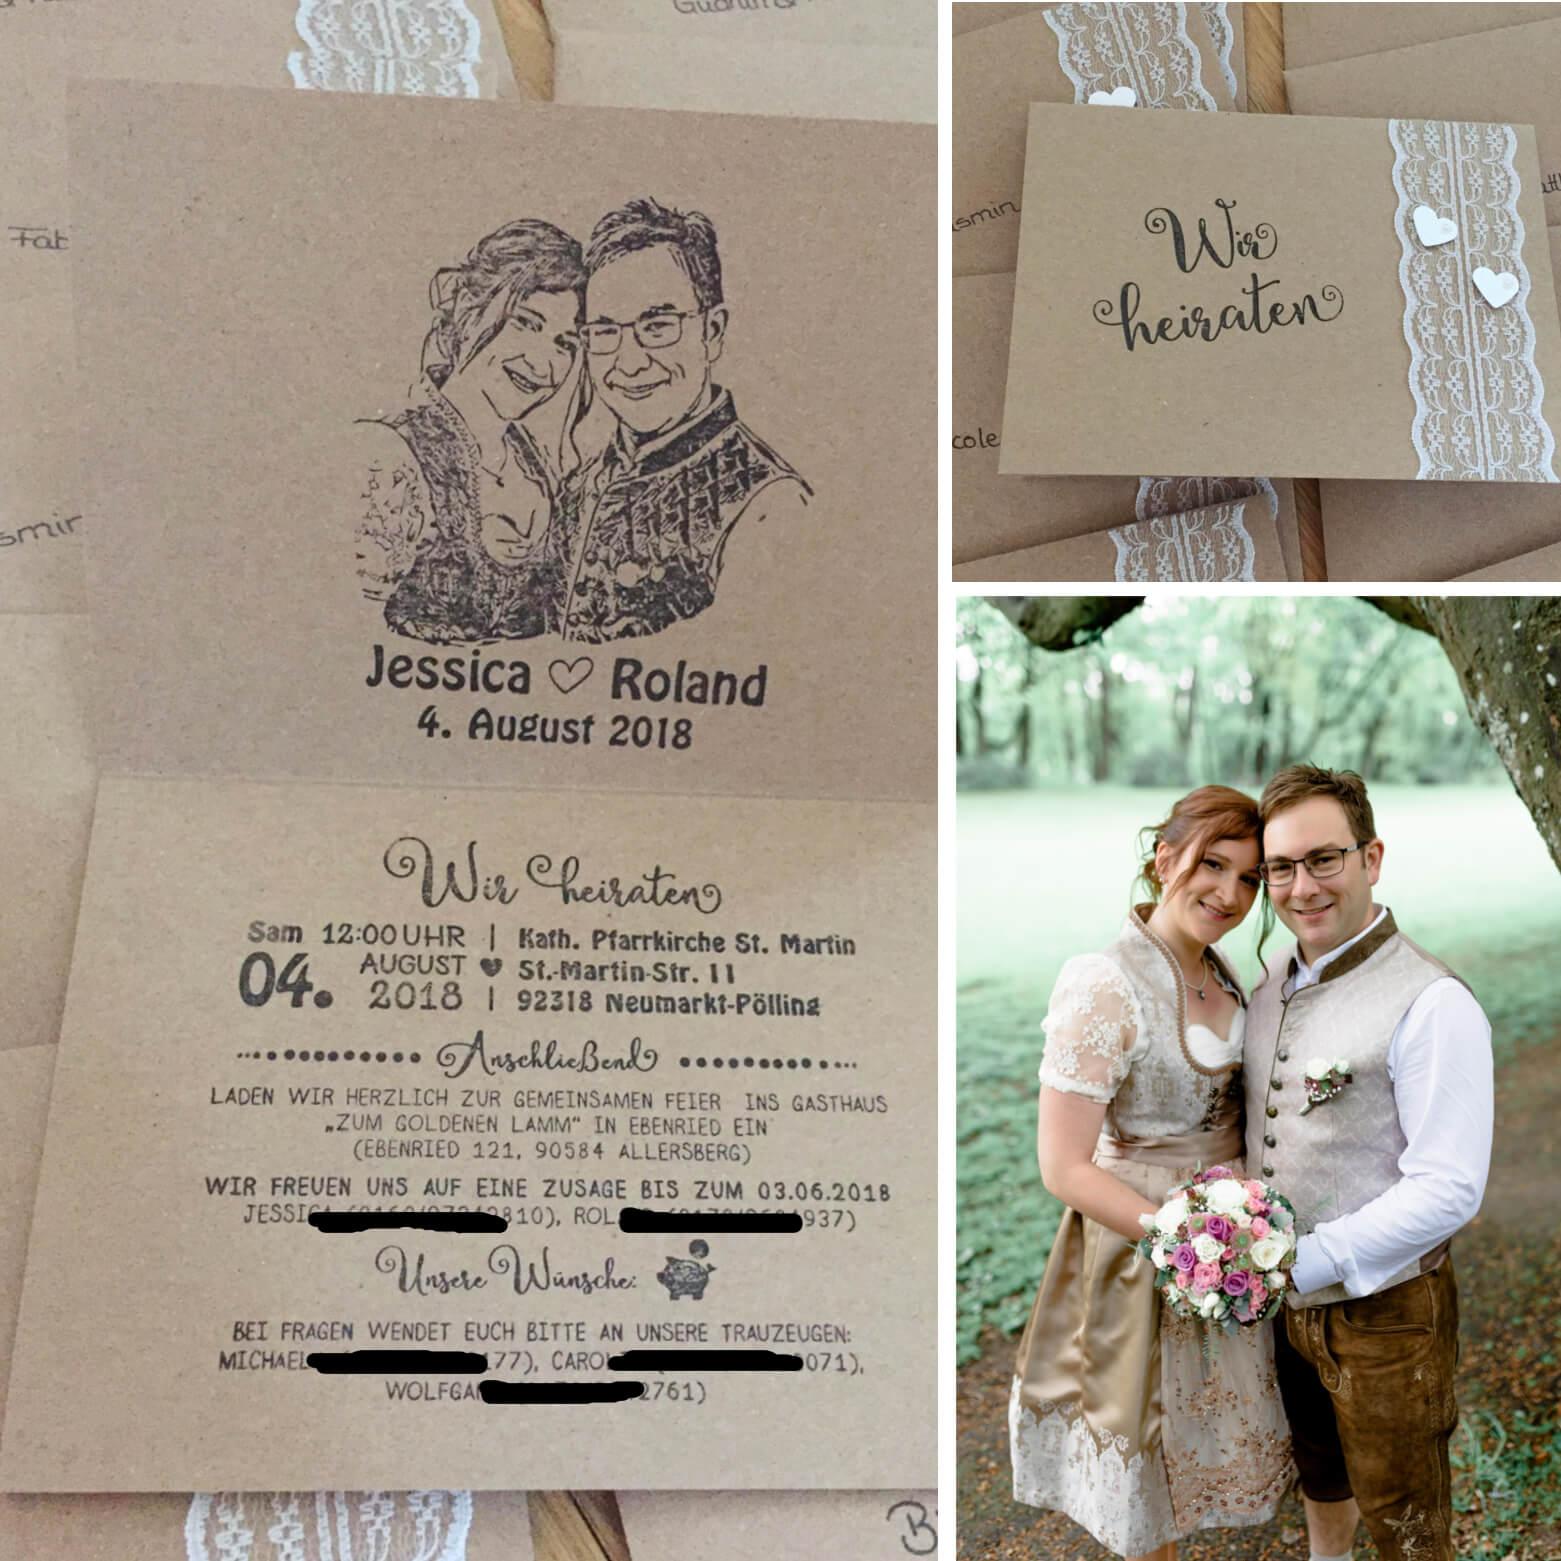 Fotostempel-Hochzeitseinladung-stempeln-selberbasteln-Einladungsstempel-wir-heiraten-stempel-vintageHD4KjfCrx5Gyk